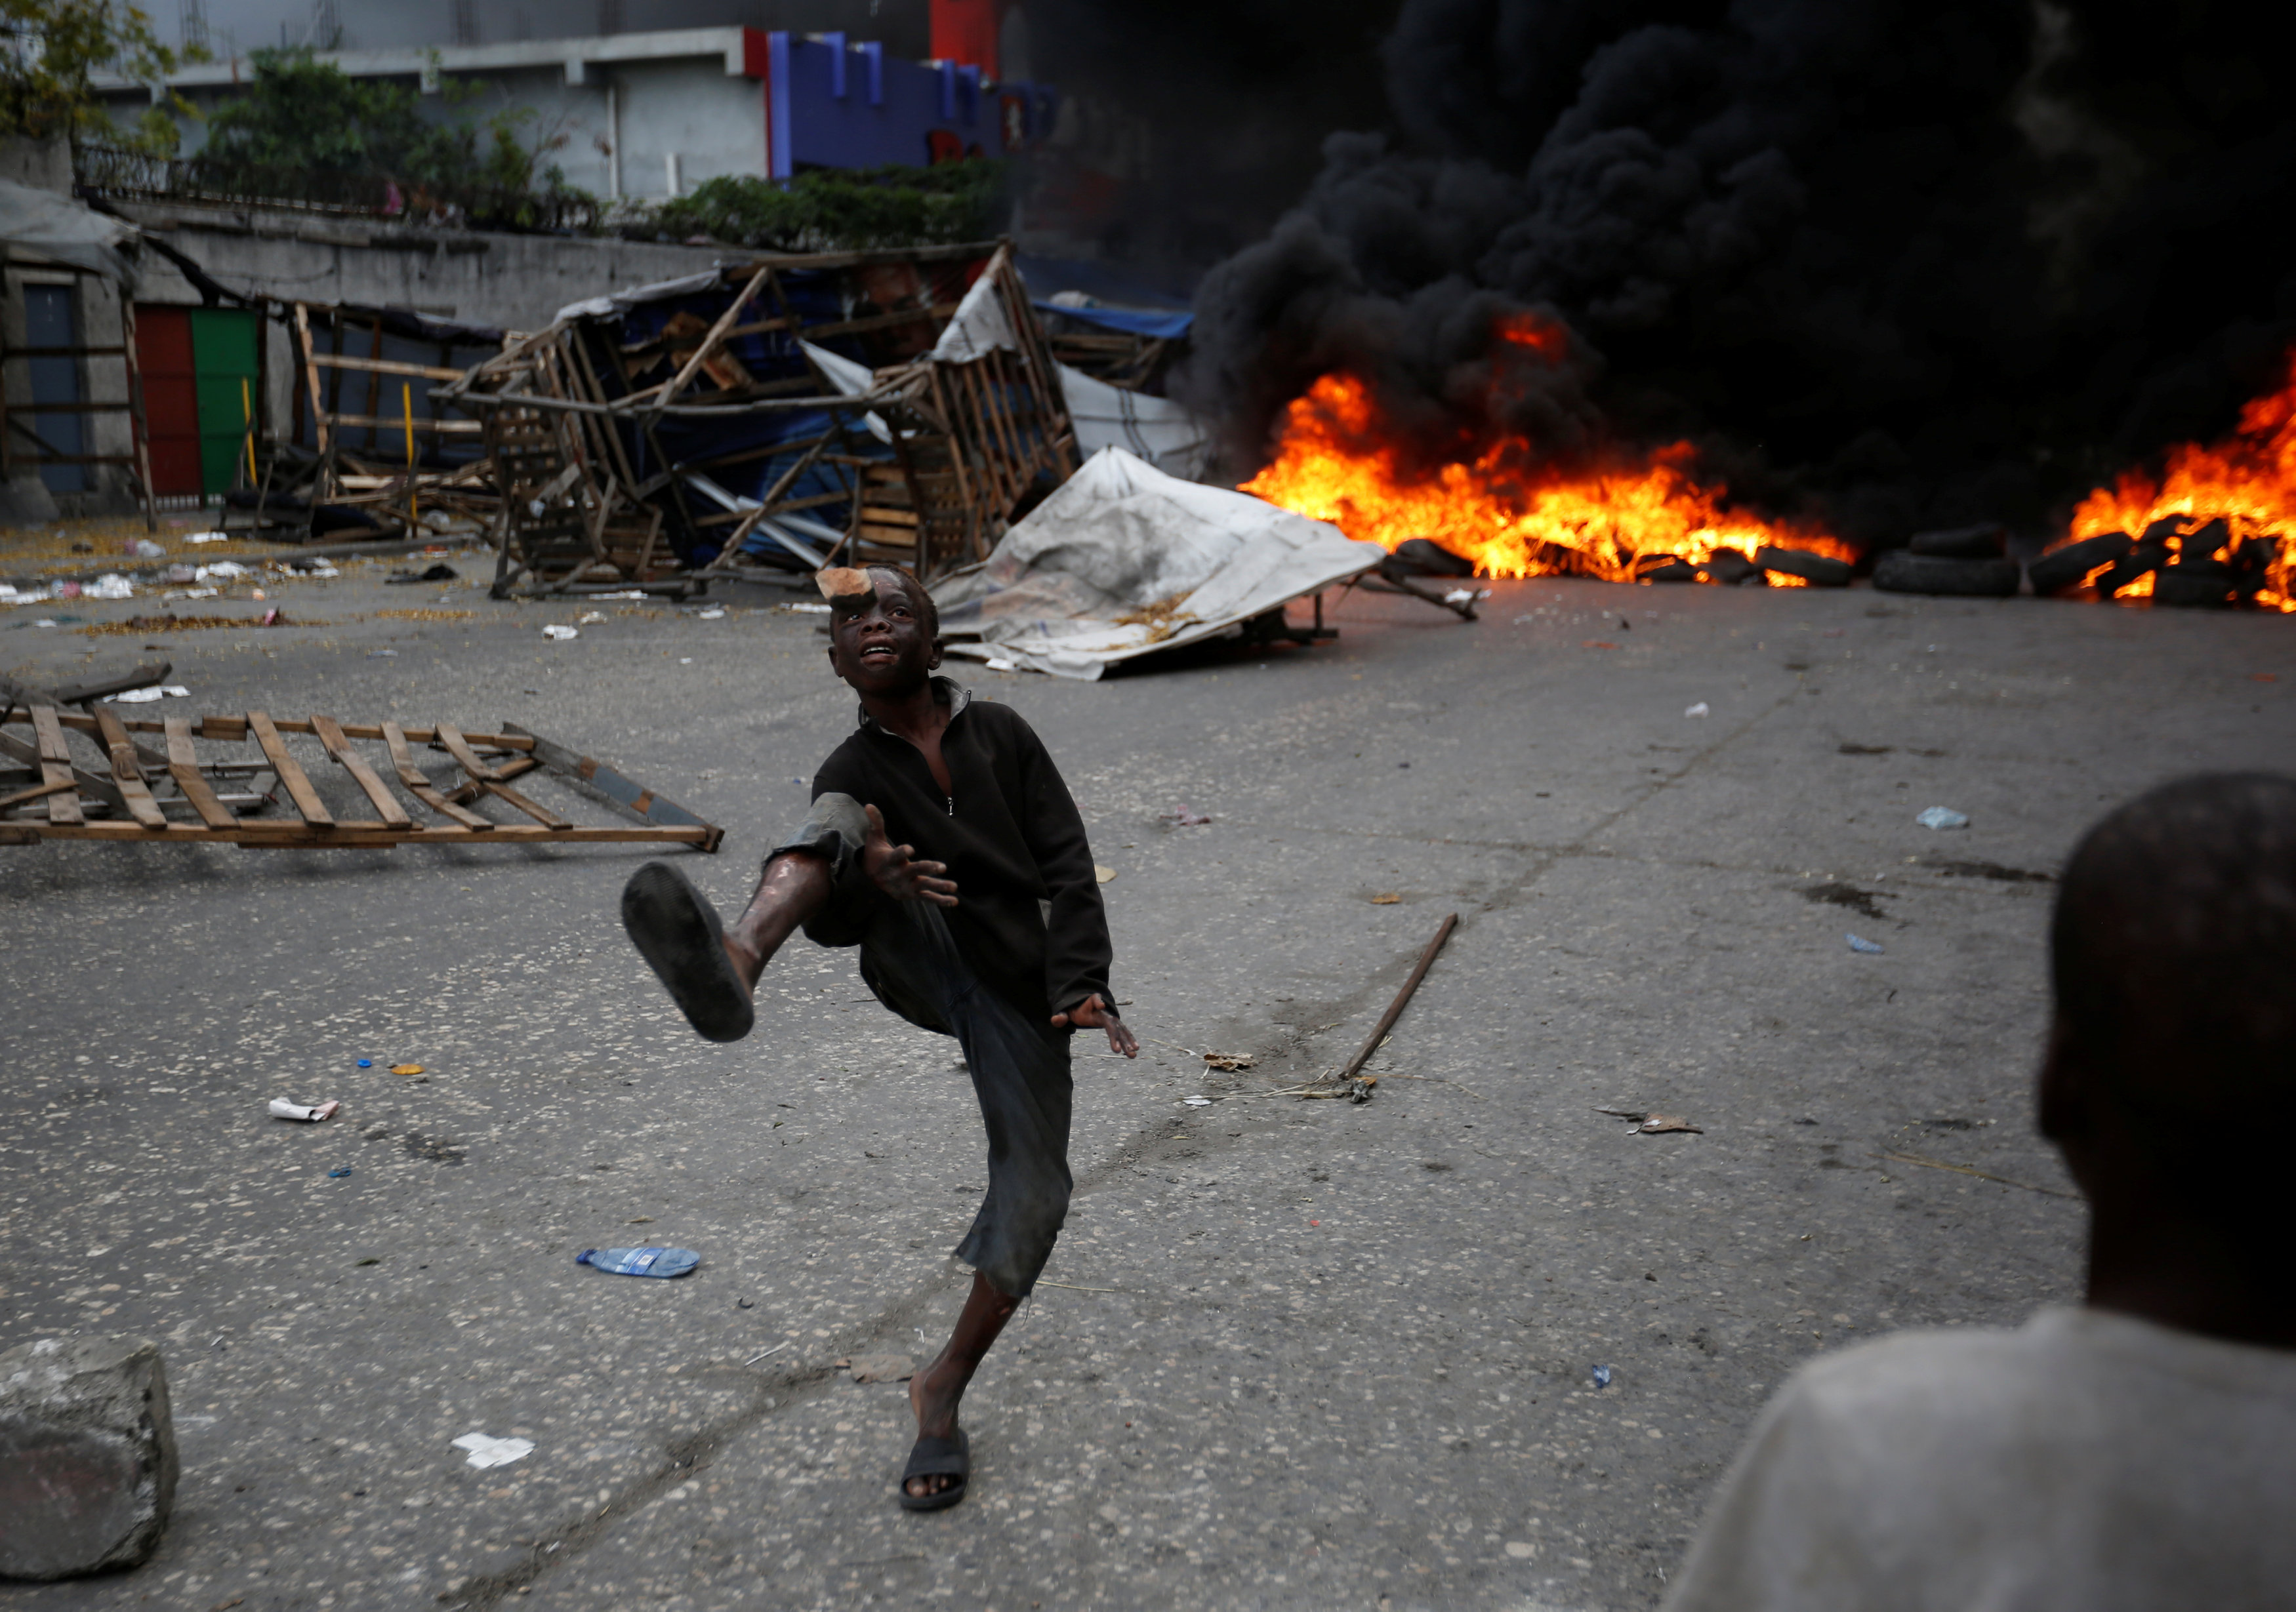 الاحتجاجات العنيفة ضد السلطة فى هايتى  (4)